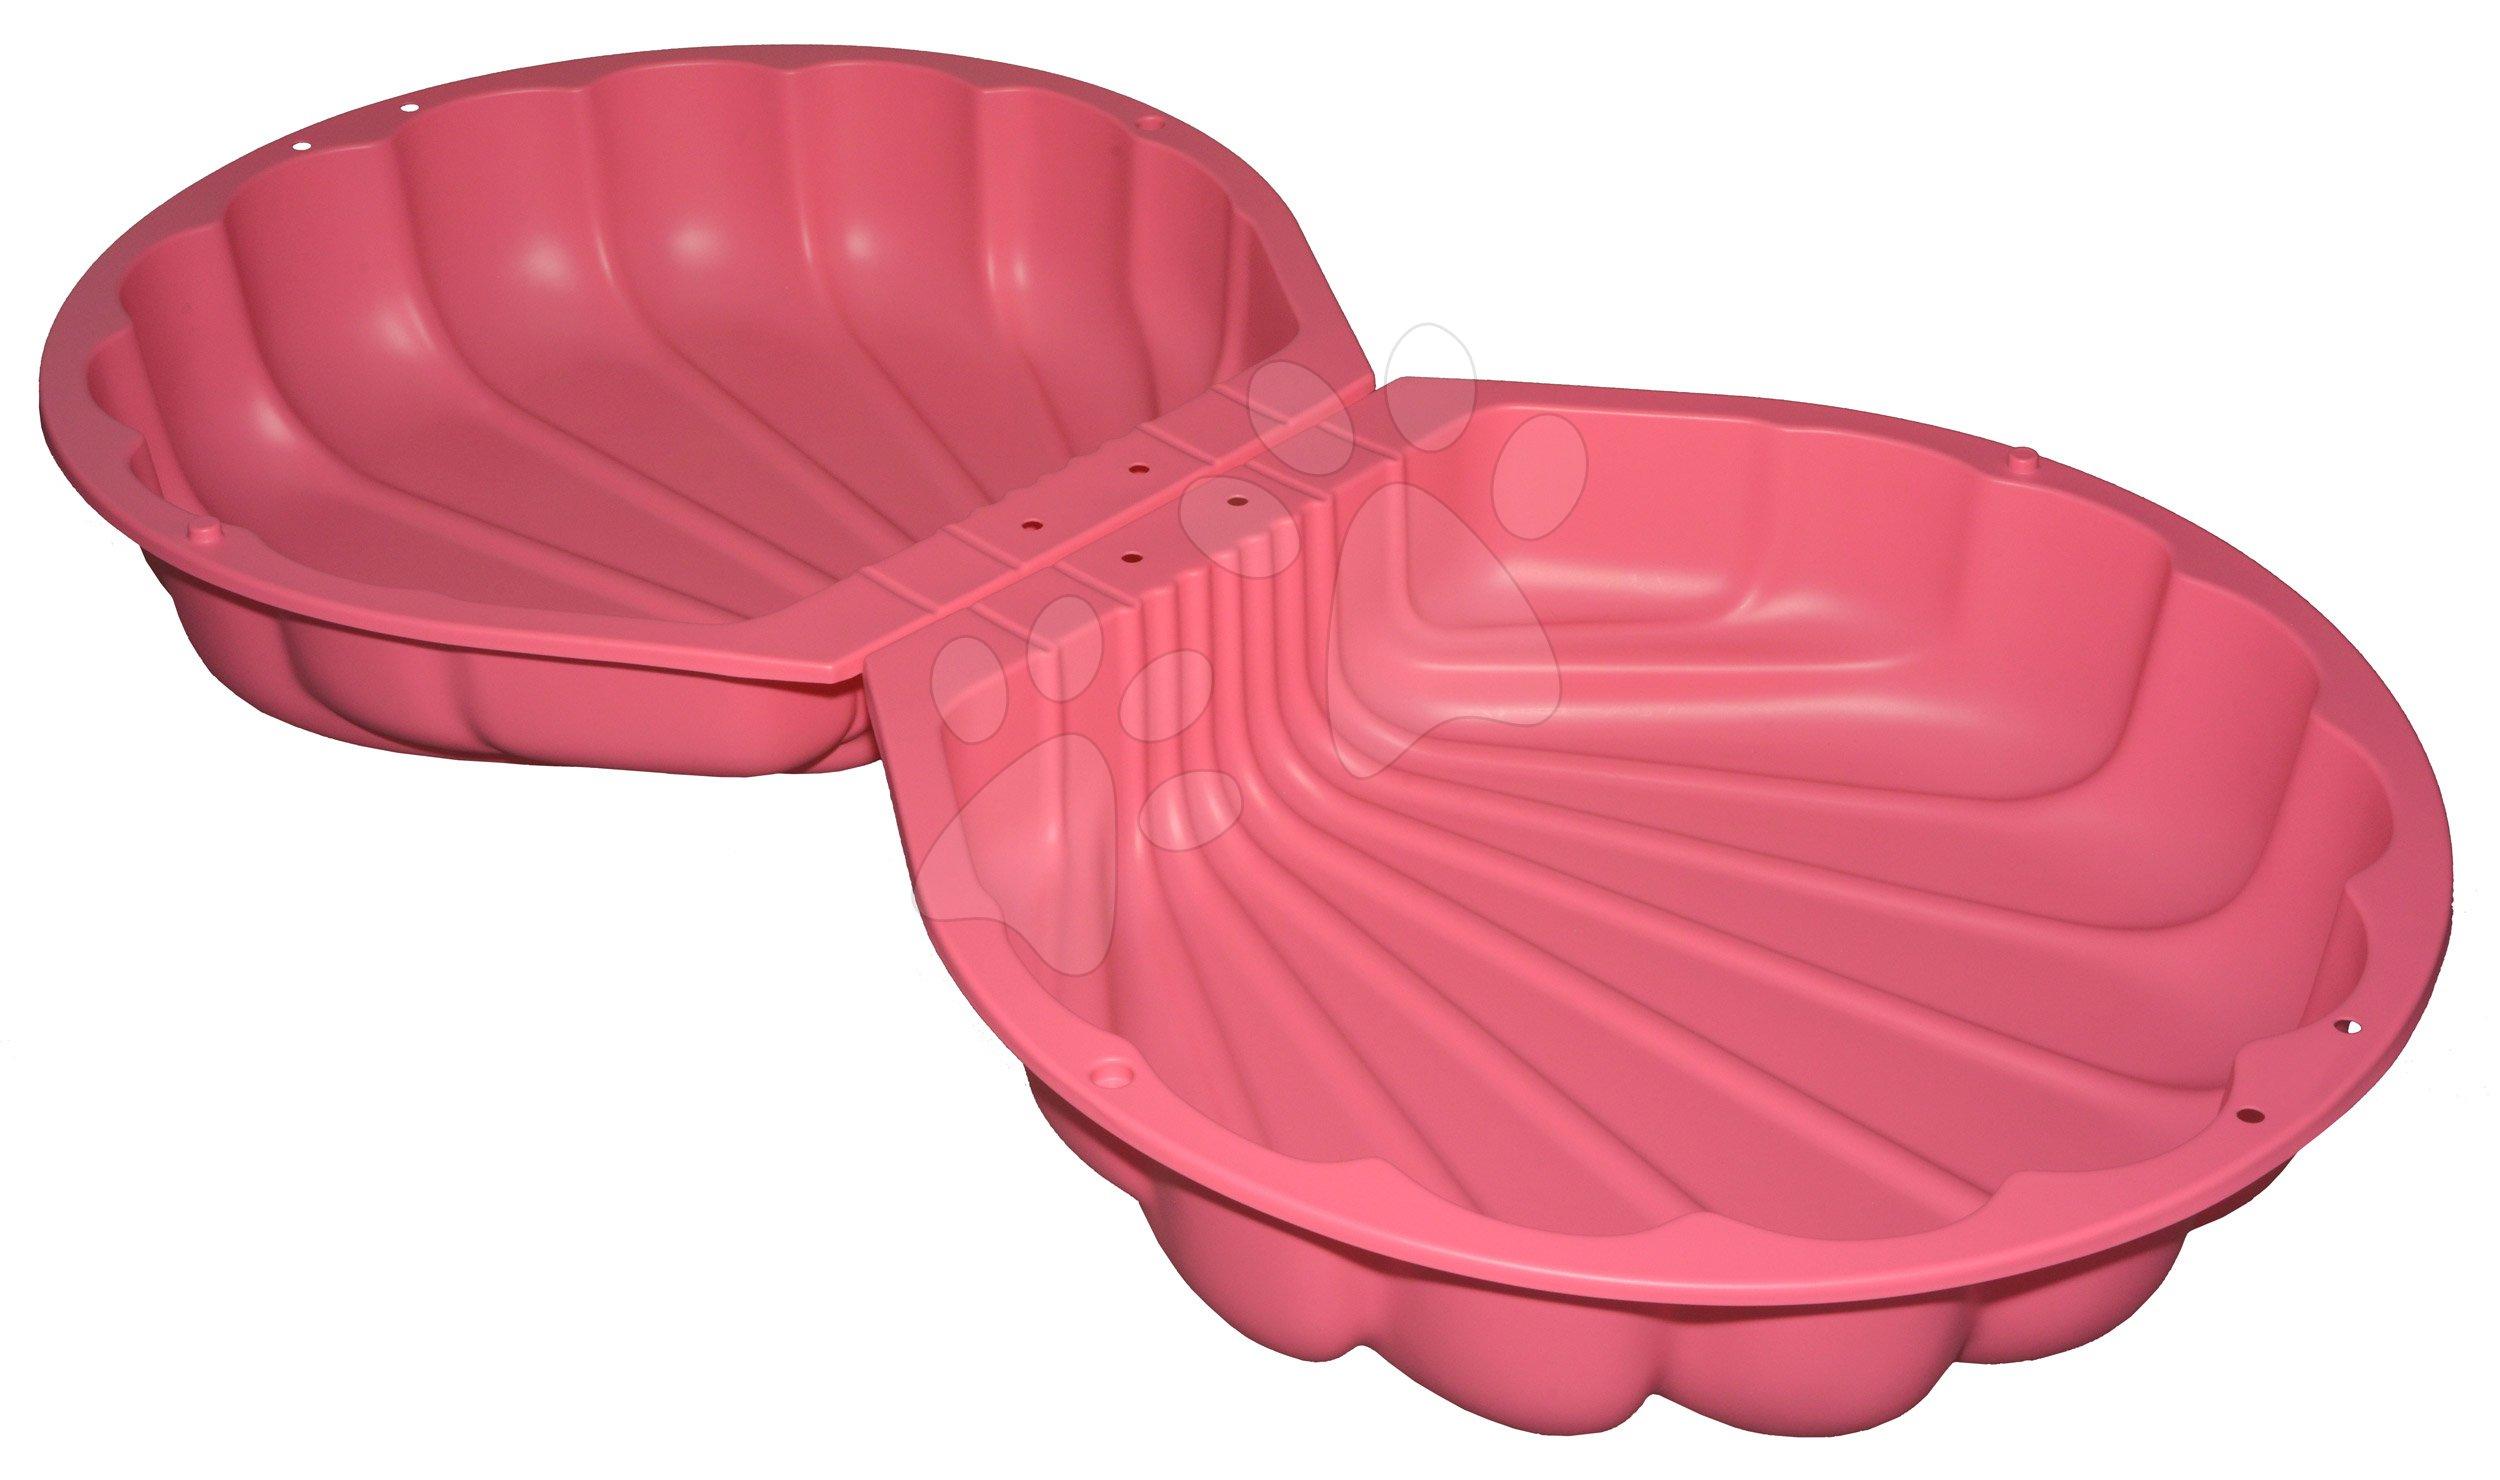 Pieskovisko dvojdielne Watershell Pink BIG mušľa 2*100 l na vodu a piesok 88*88*21 cm ružové od 18 mes